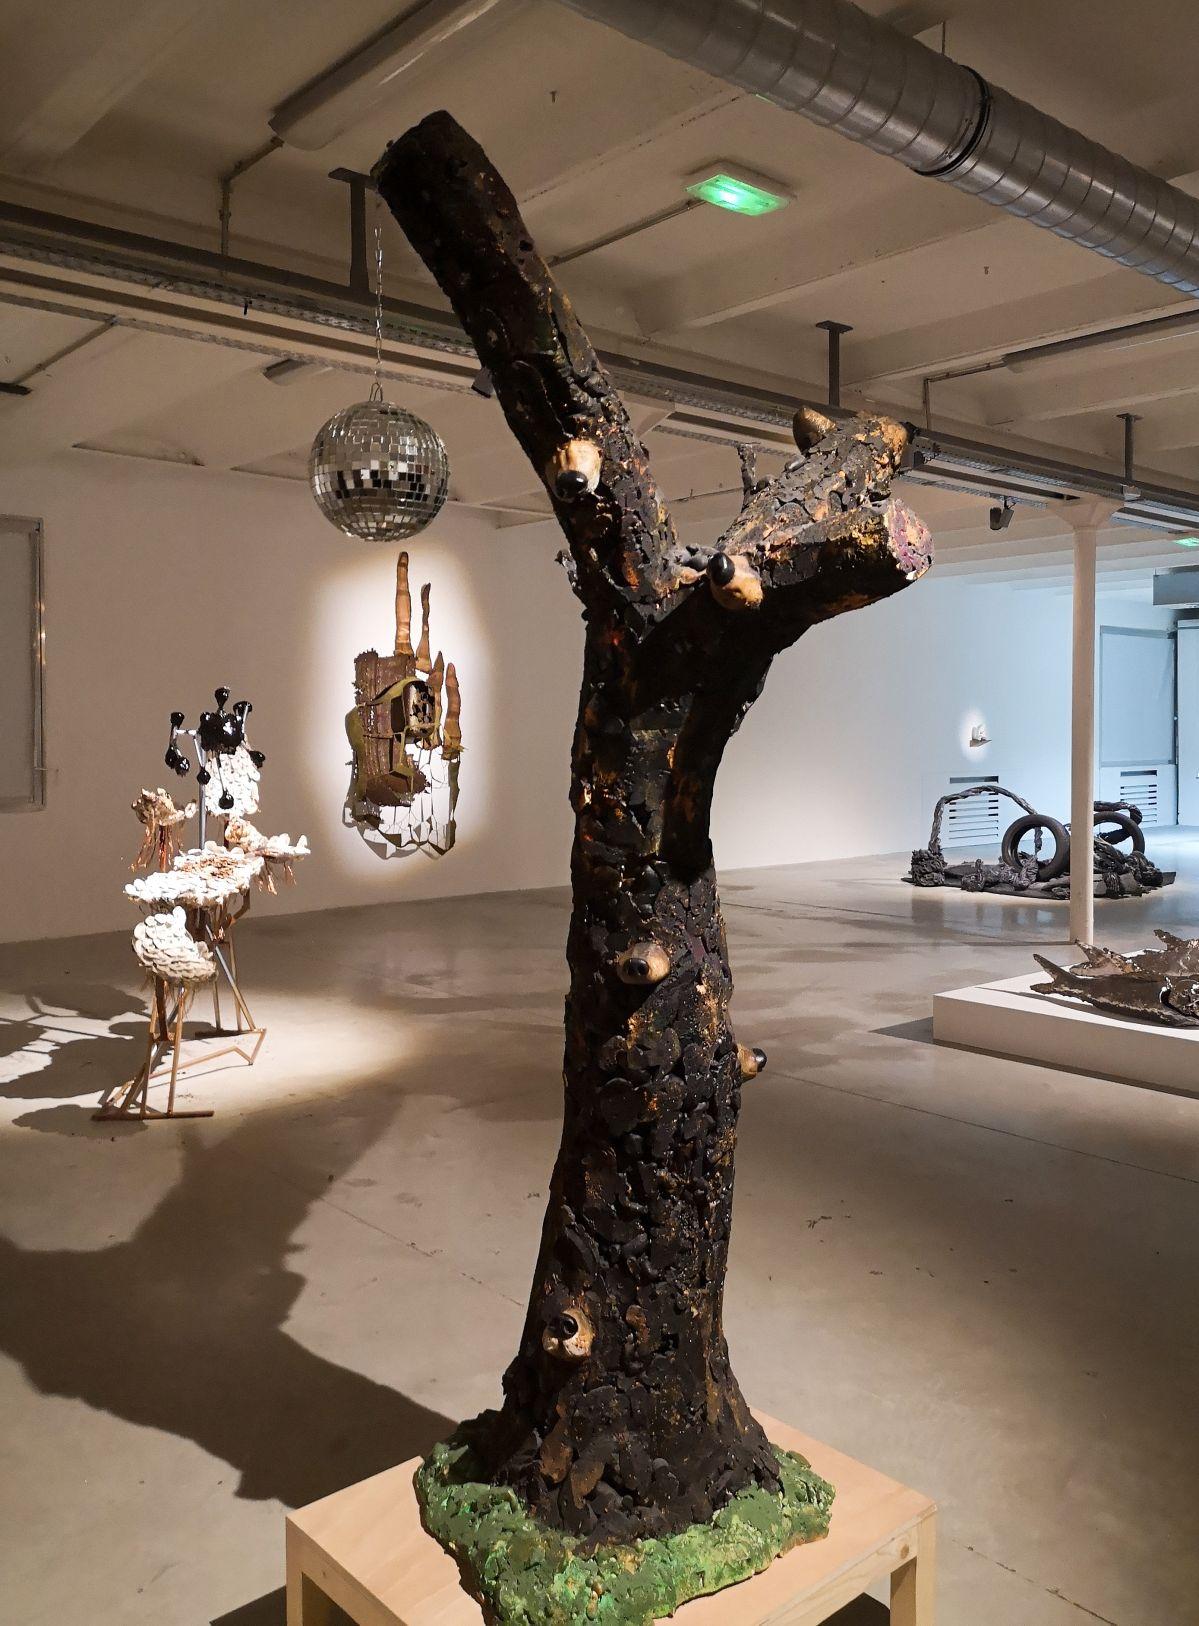 Arnaud Labelle-Rojoux - L'arbre aux museaux (museaux, musette), 2002 - Street Trash - Friche La Belle de Mai